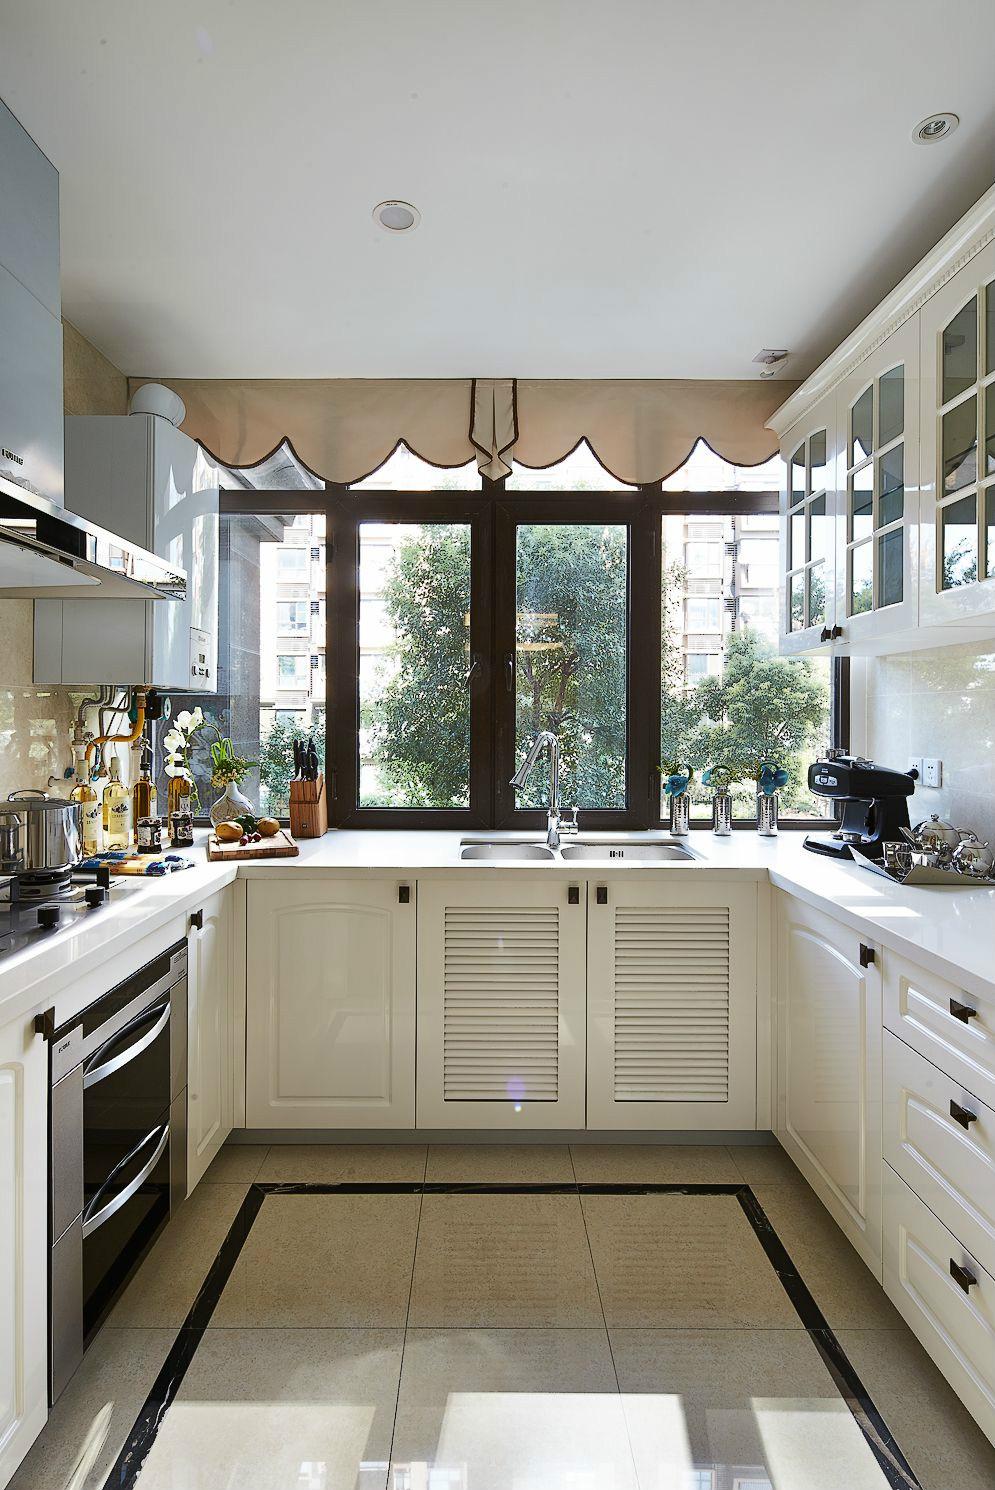 厨房空间也非常大,采光很好,U型橱柜设计方便烹饪,让每一餐都成为享受。